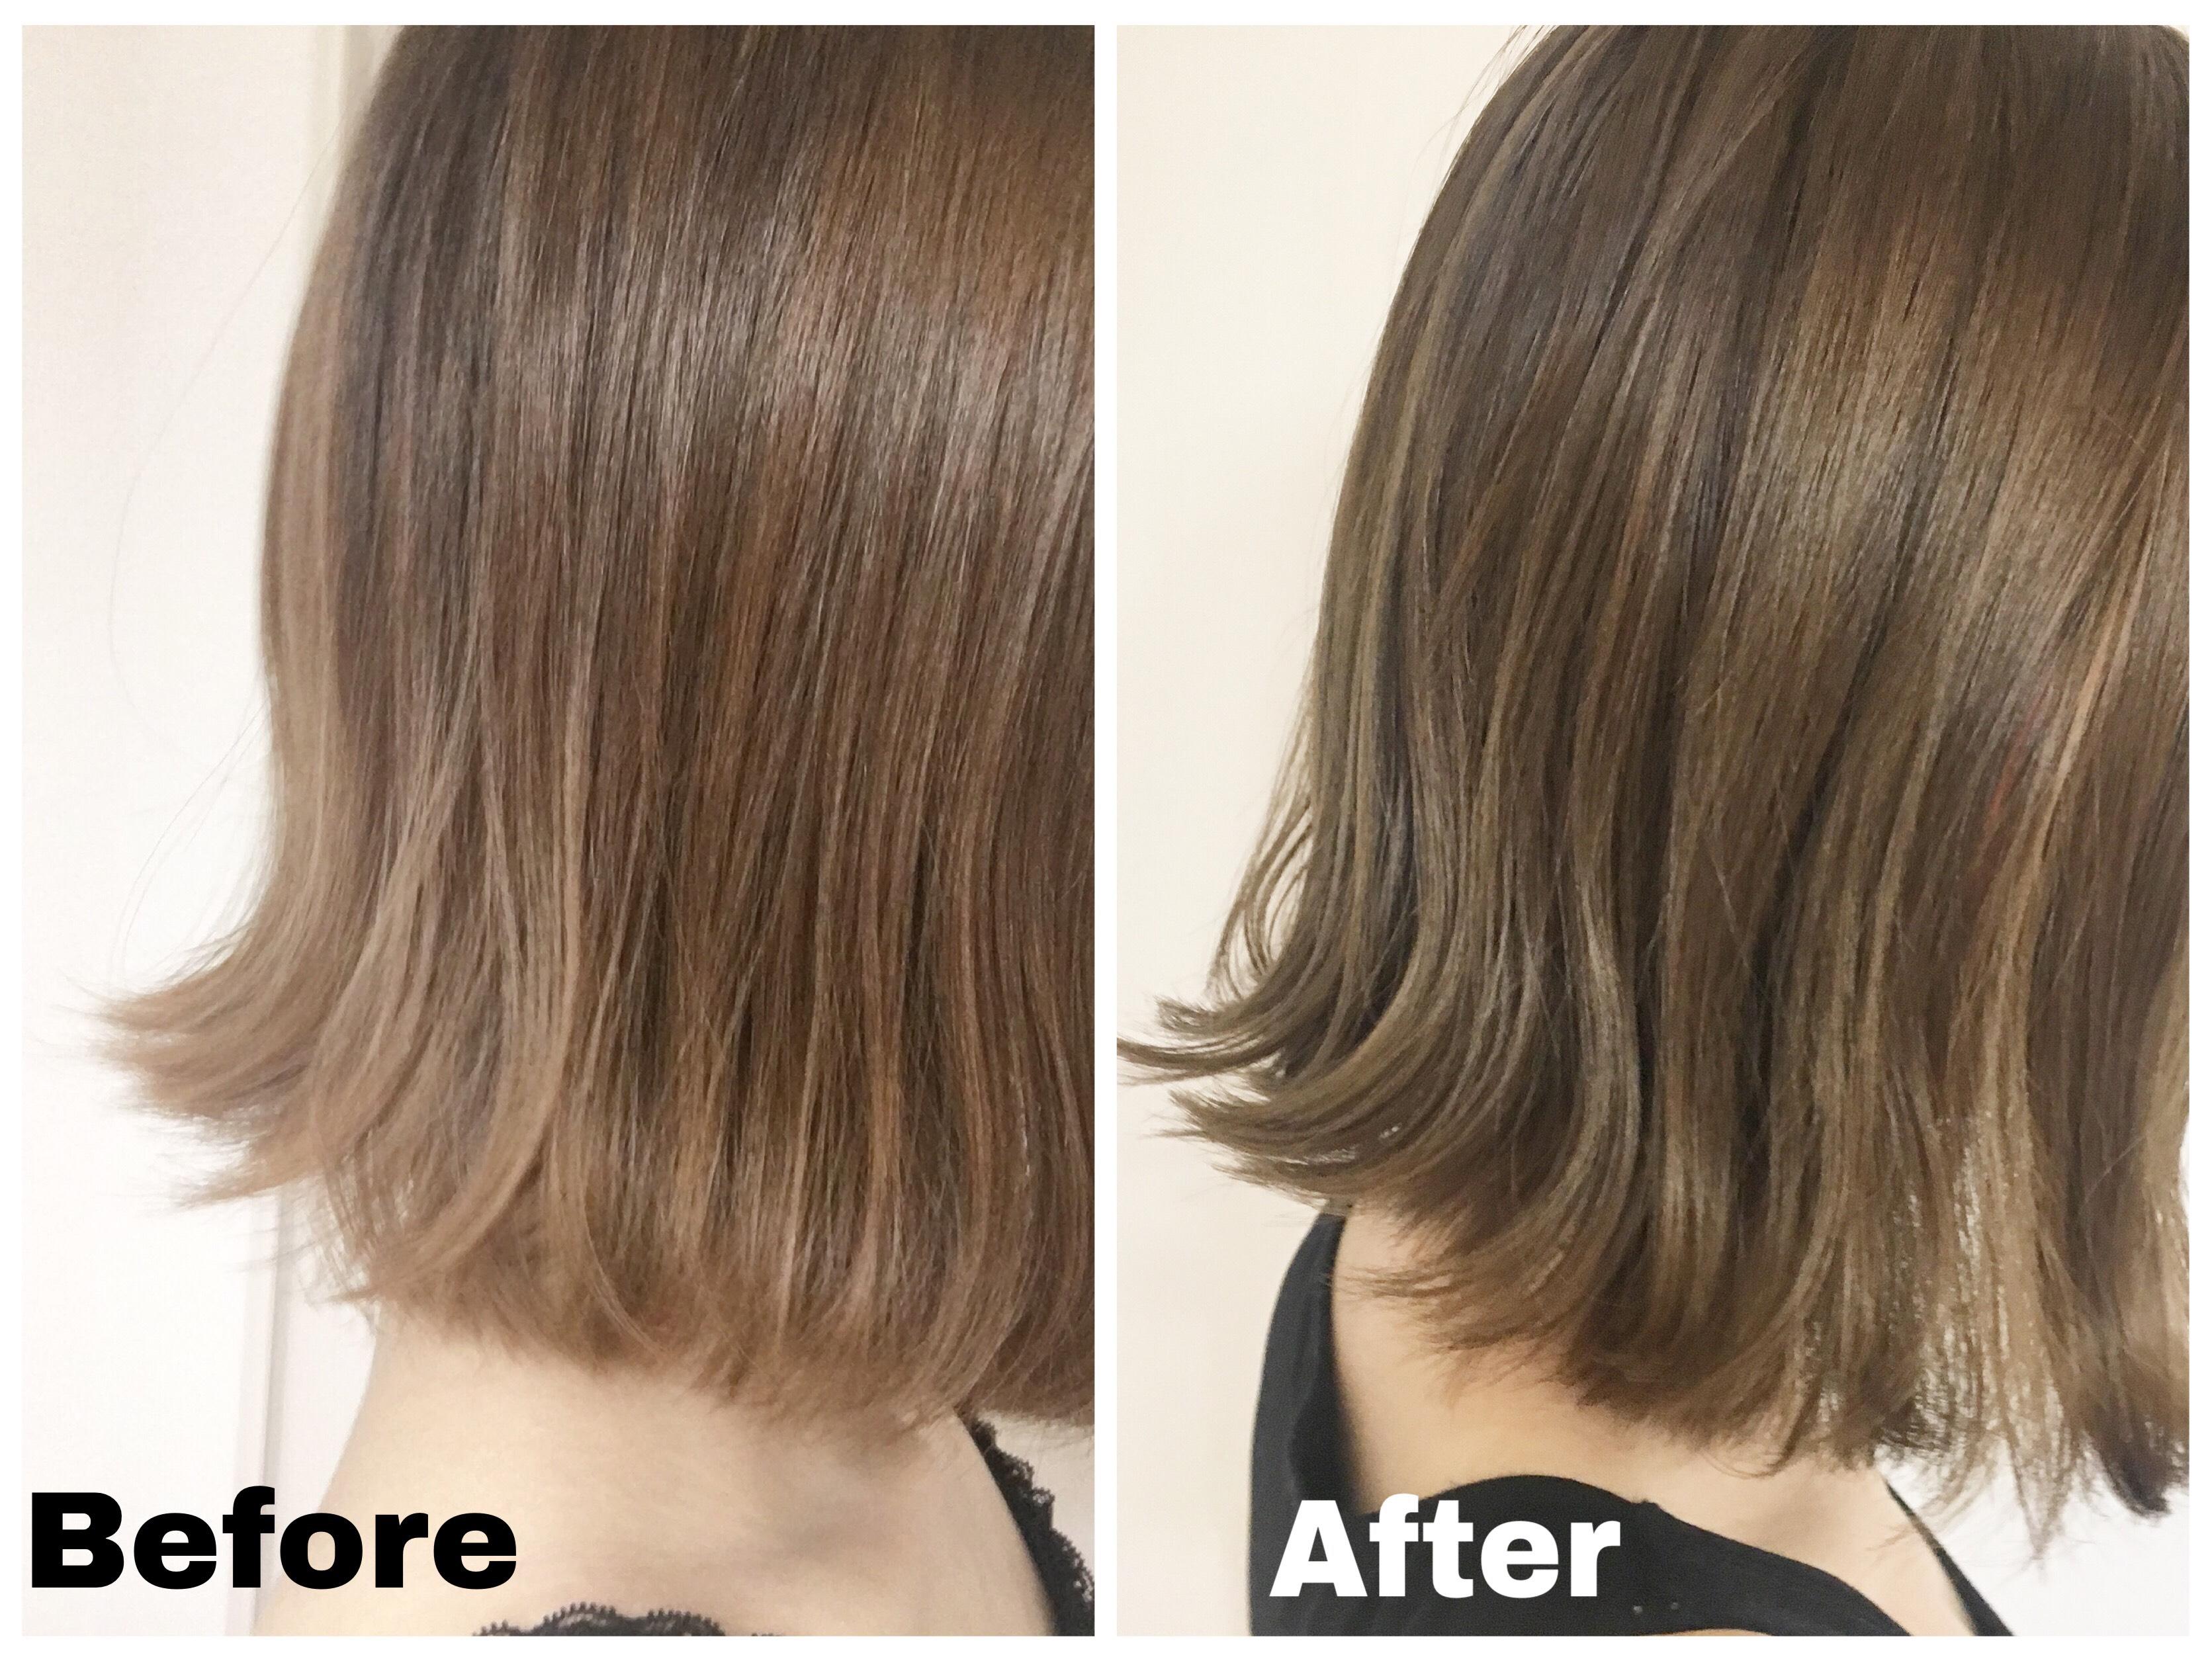 ビューティーラボホイップヘアカラーミスティーアッシュの髪色のレポ比較画像